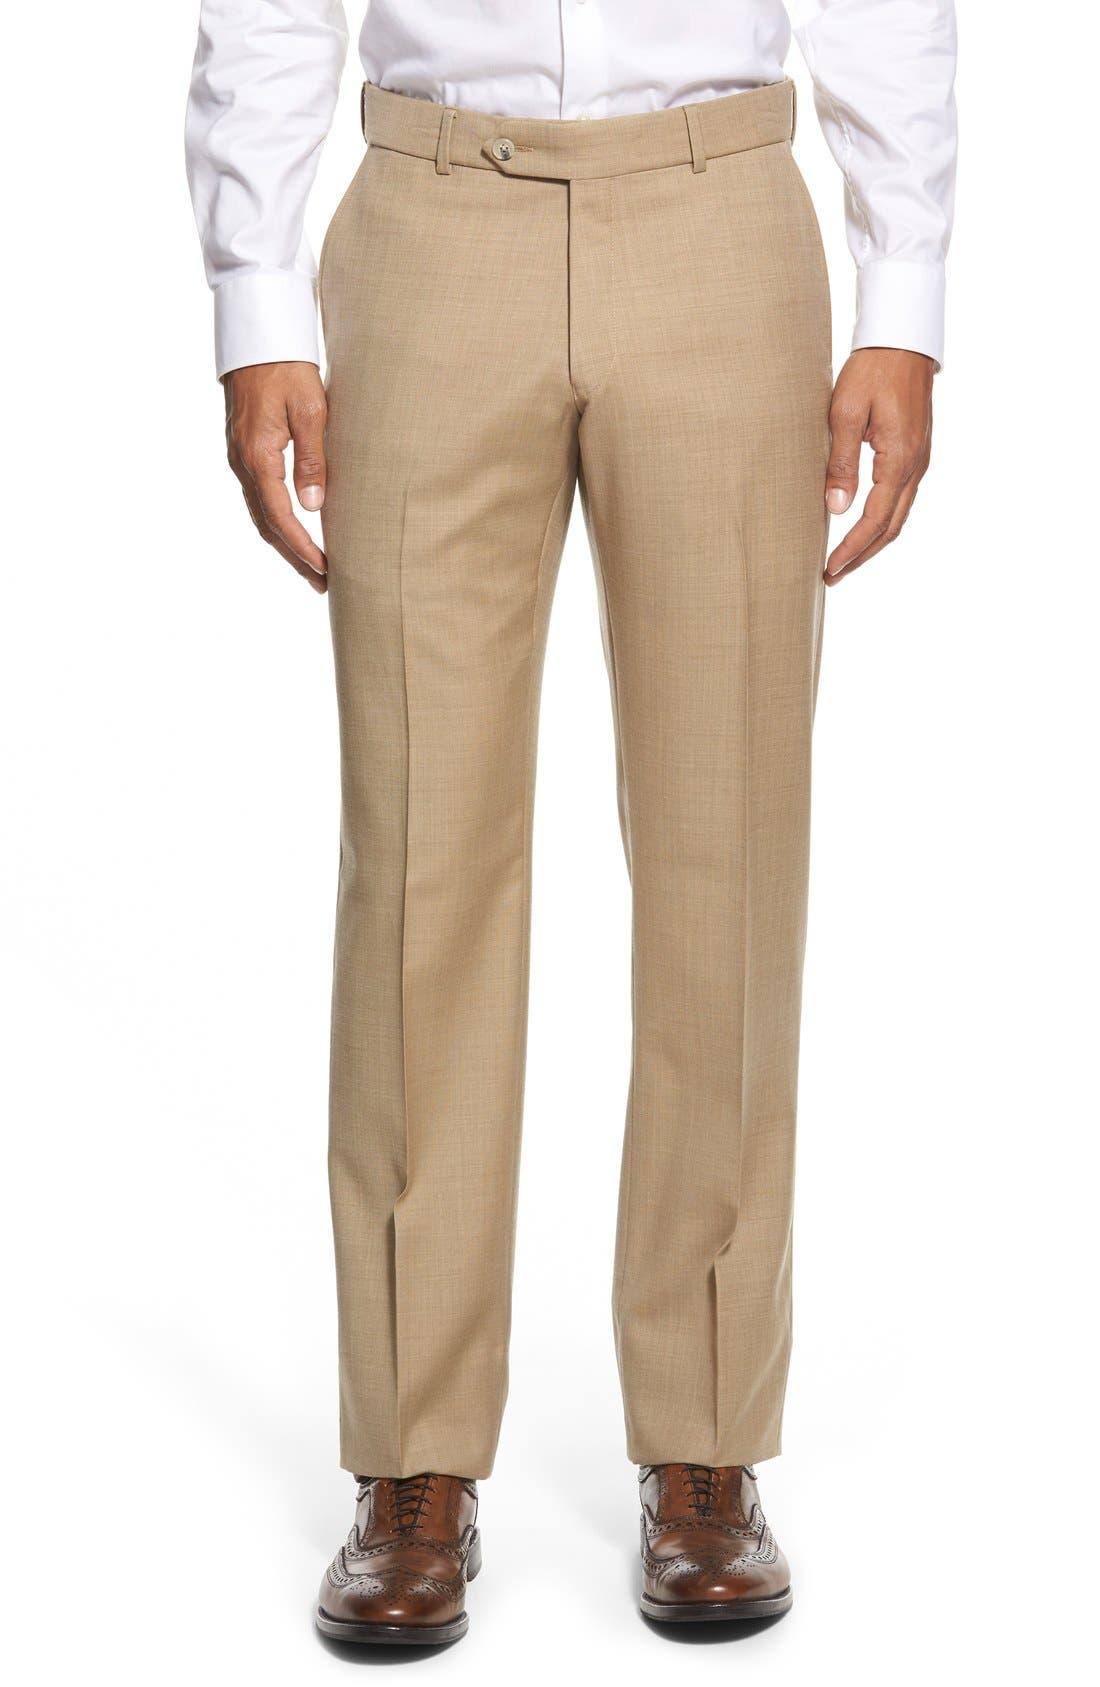 BALLIN Flat Front Sharkskin Wool Trousers in Camel